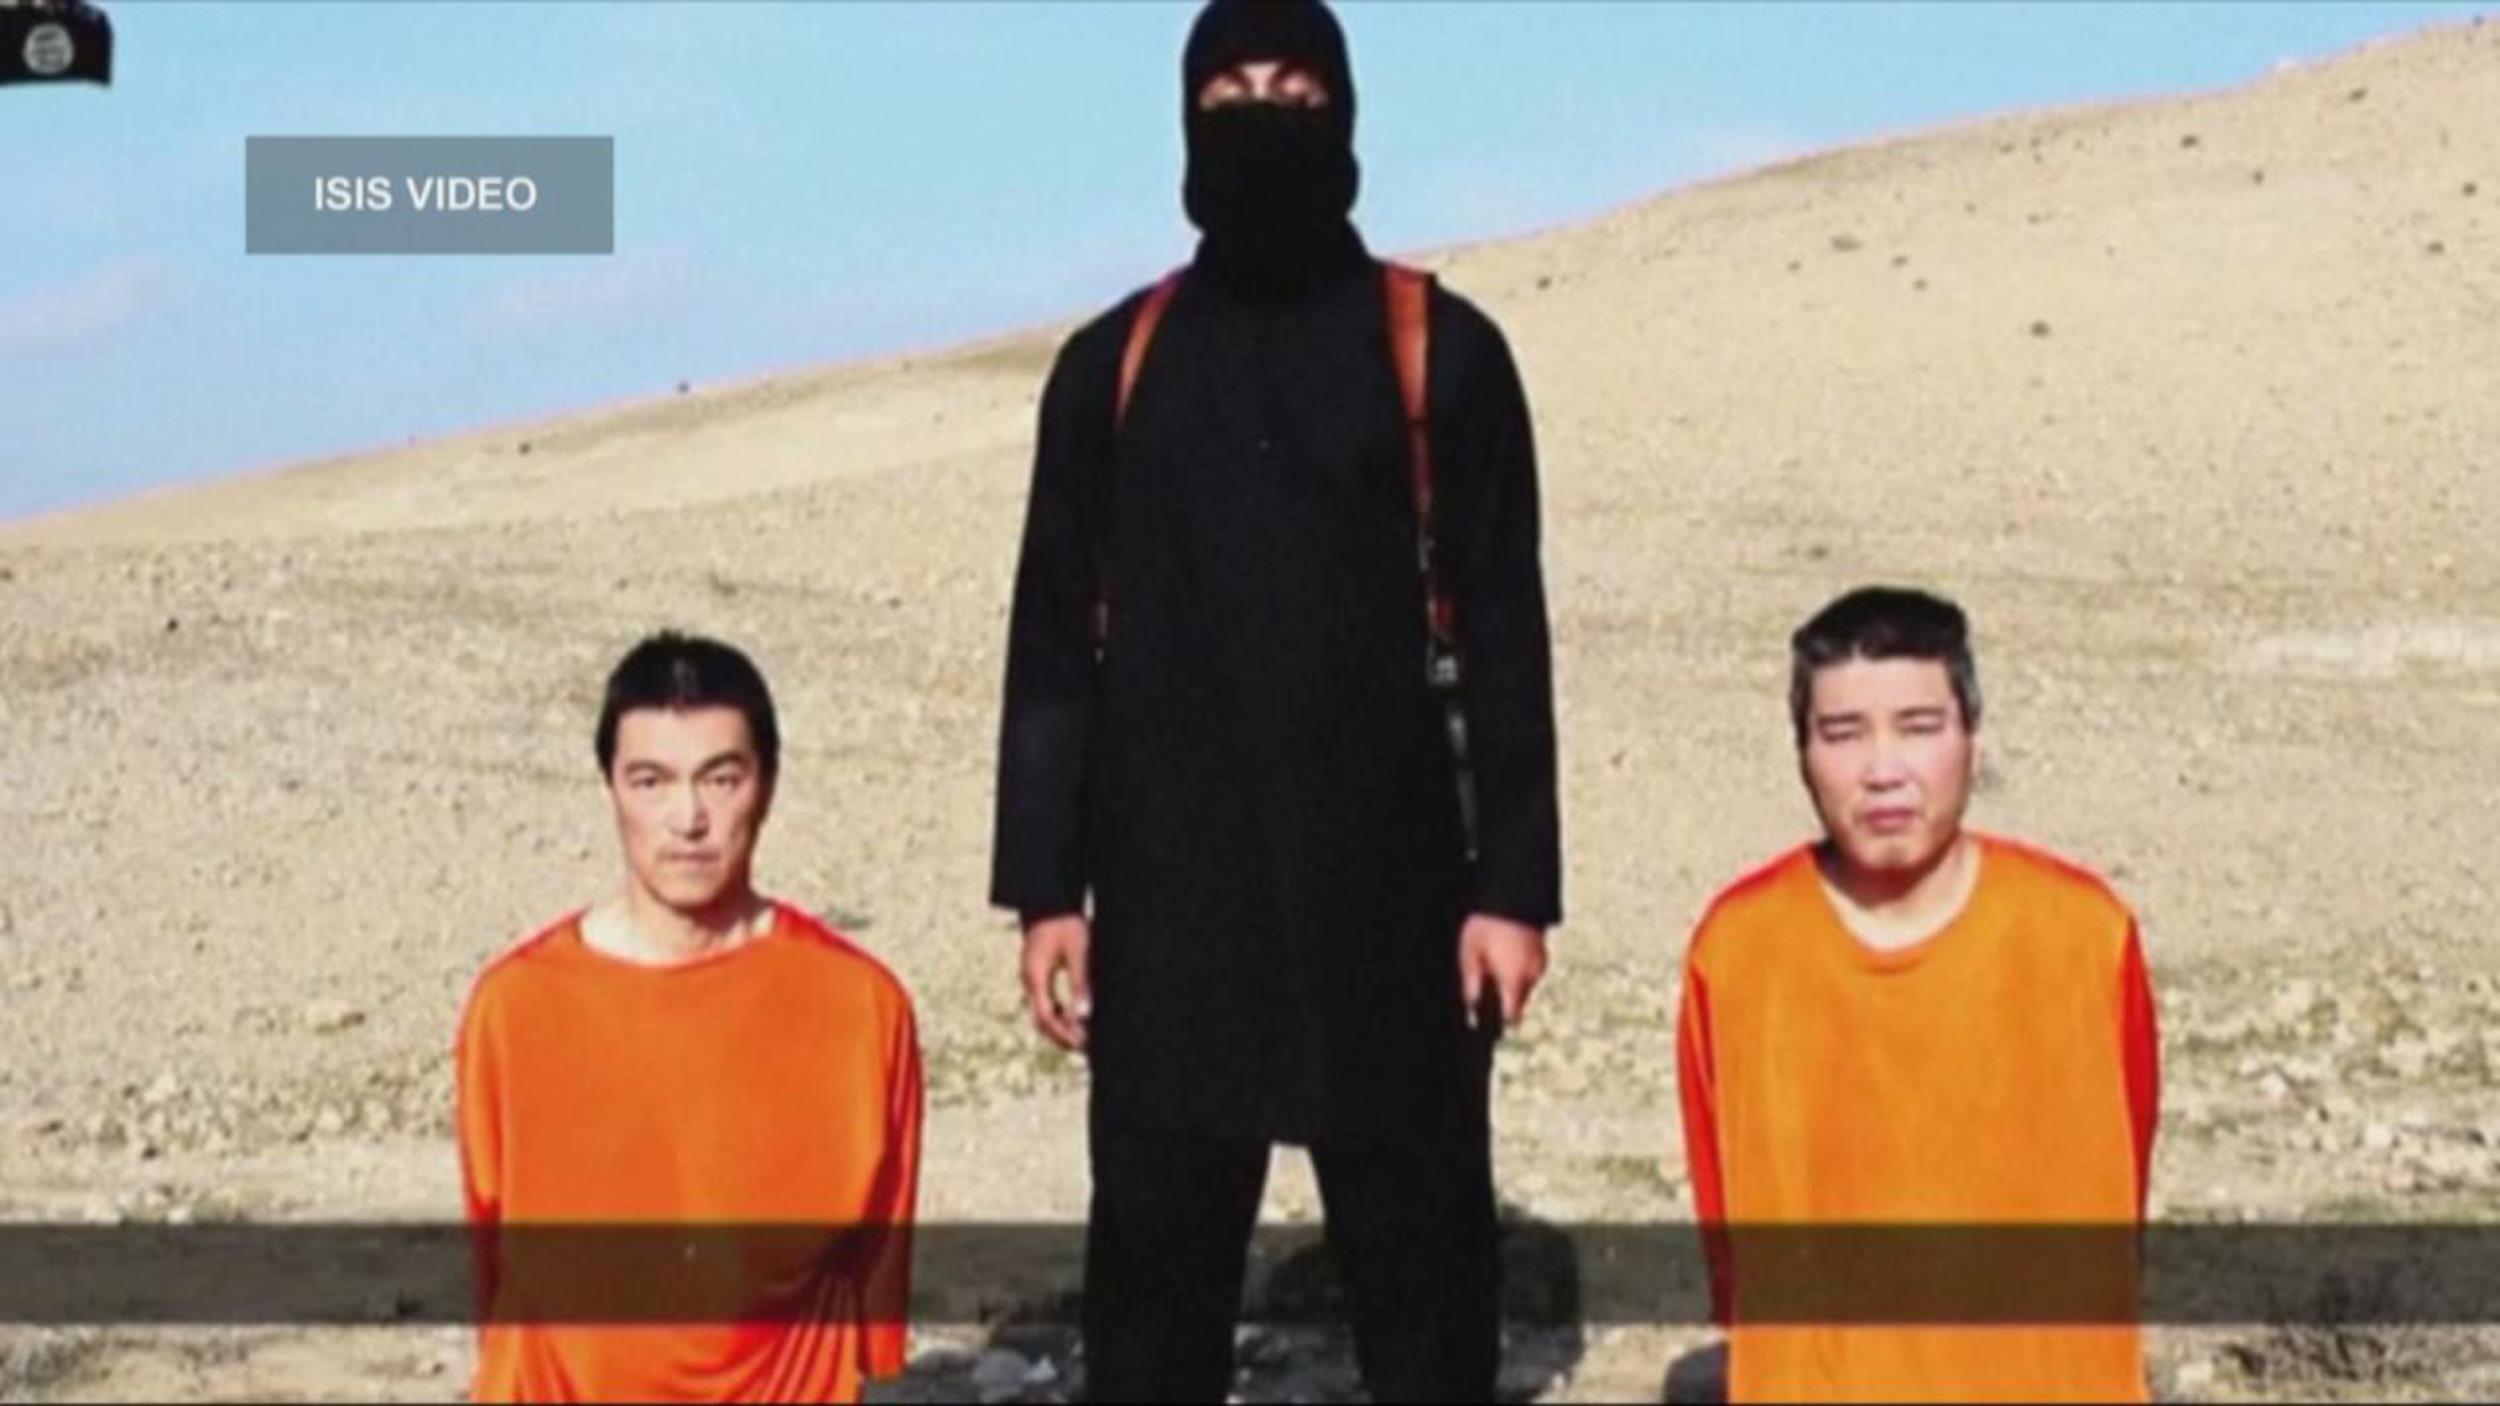 Video ostaggi giapponesi ISIS porta nuove domande su Jihadi John